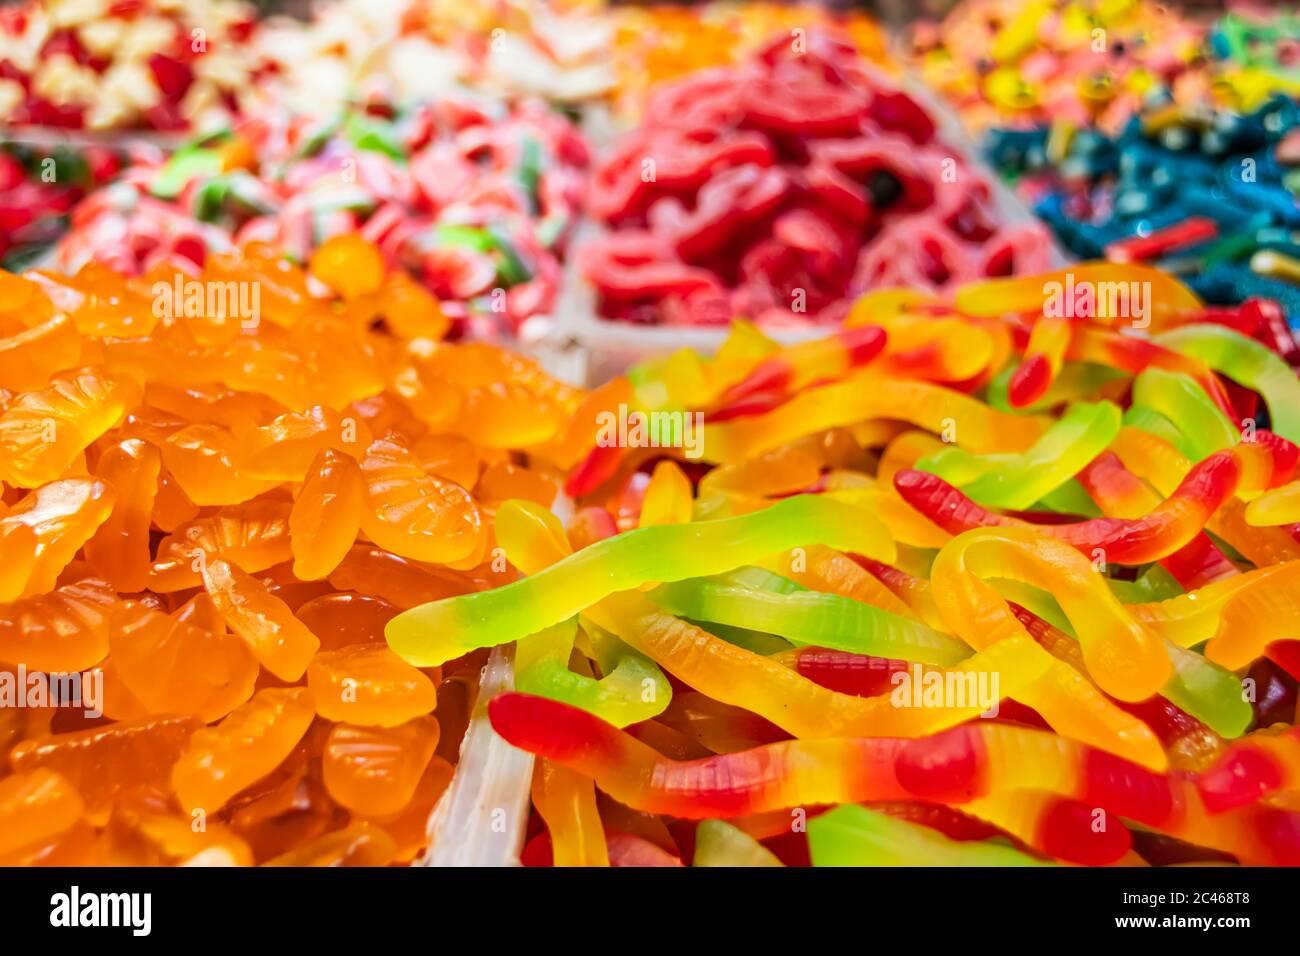 Des bonbons orientaux colorés de formes variées se trouvent sur un comptoir de marché Banque D'Images